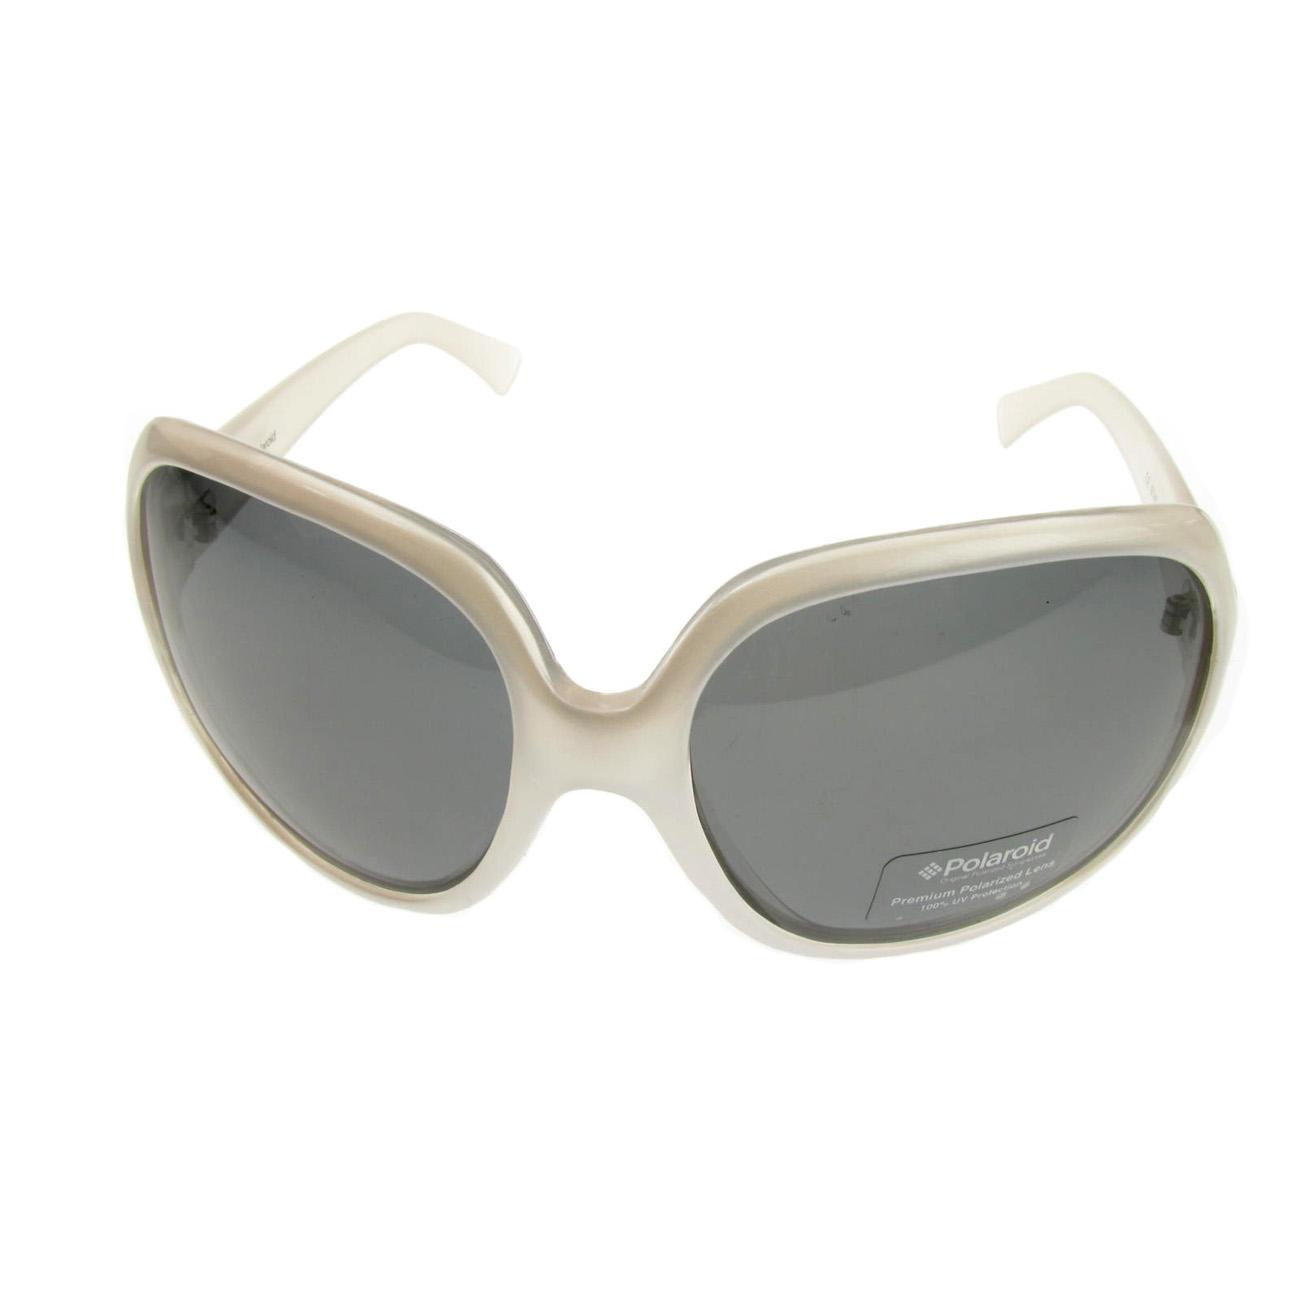 c85603dfa8a4 Ladies Sunglasses Polaroid Polarized Lens UV400 CAT 2 Fashion Designer 8745C